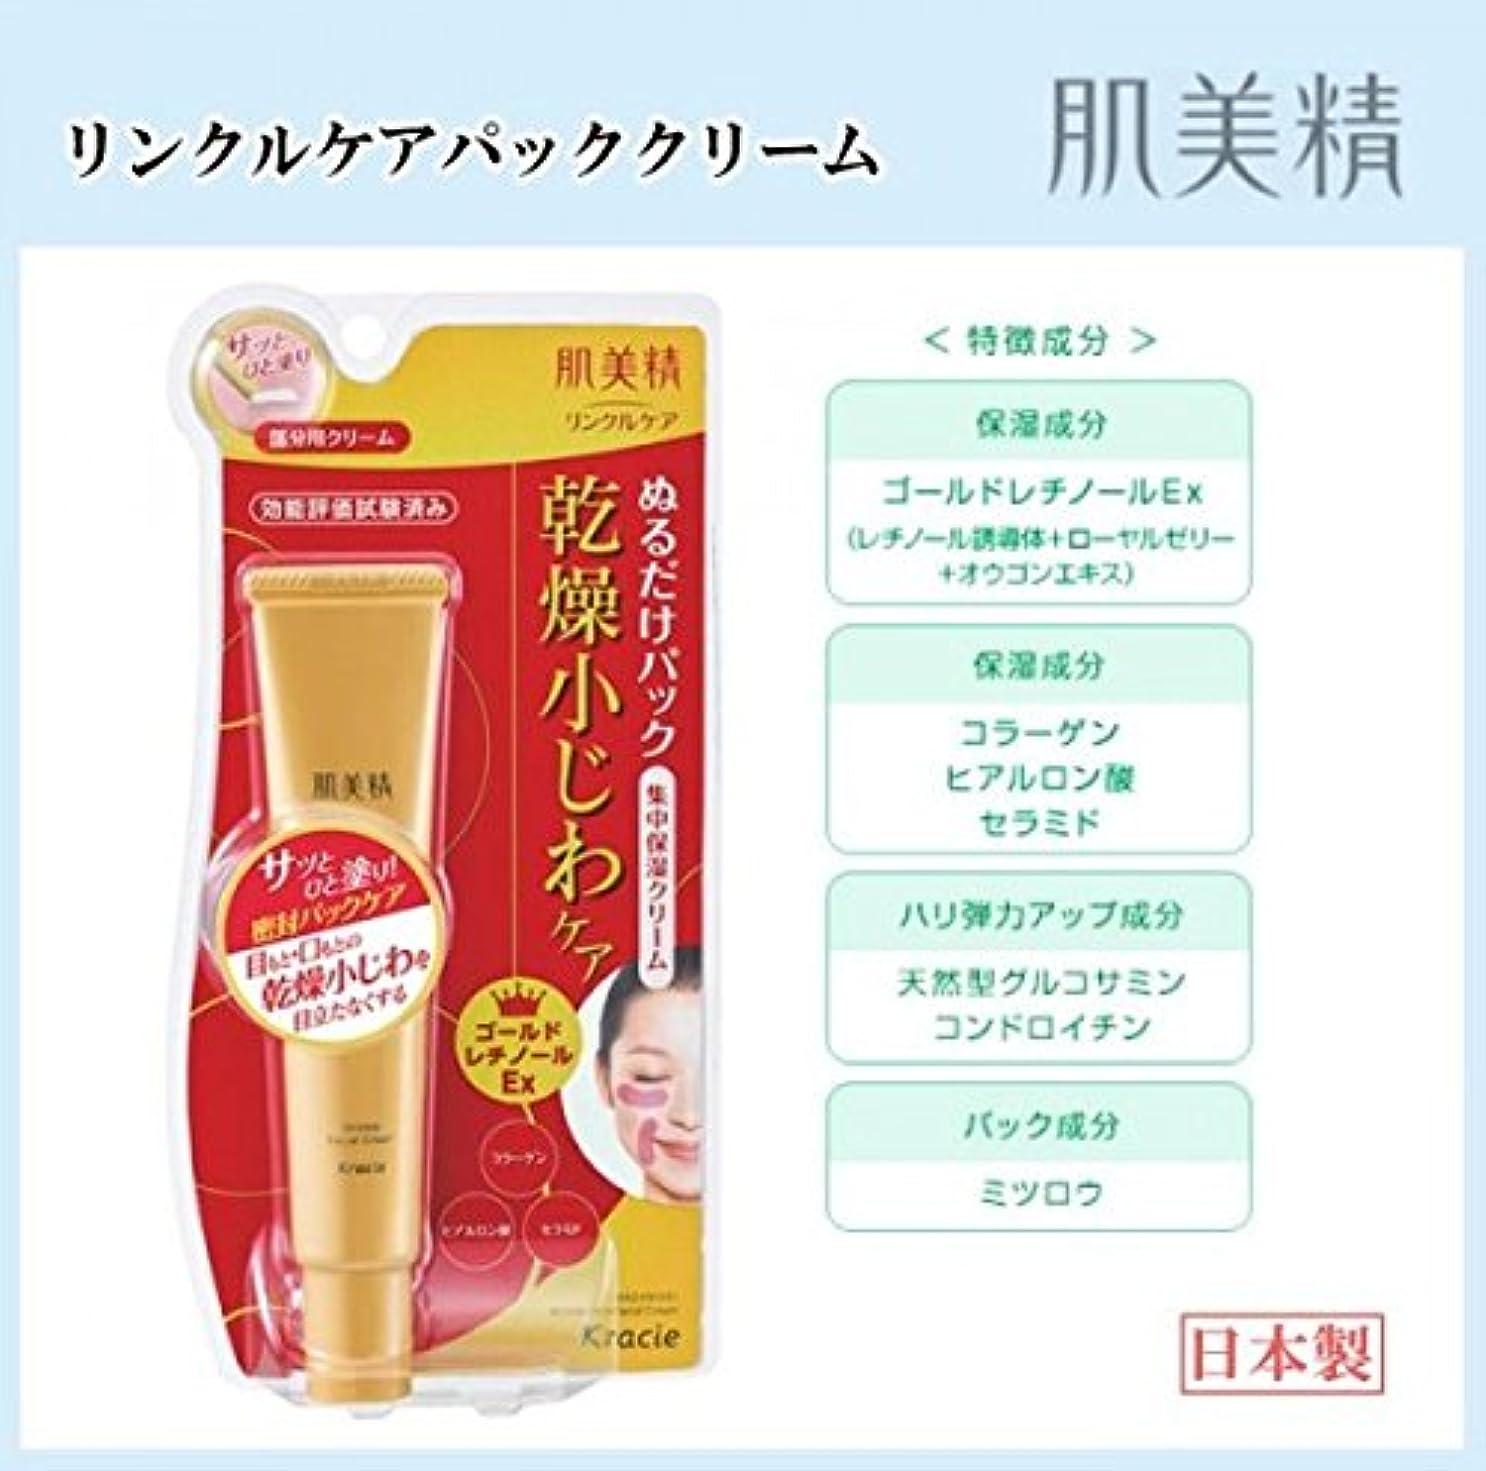 落とし穴唇アーチ【クラシエ】肌美精 リフト保湿リンクルパッククリーム 30g